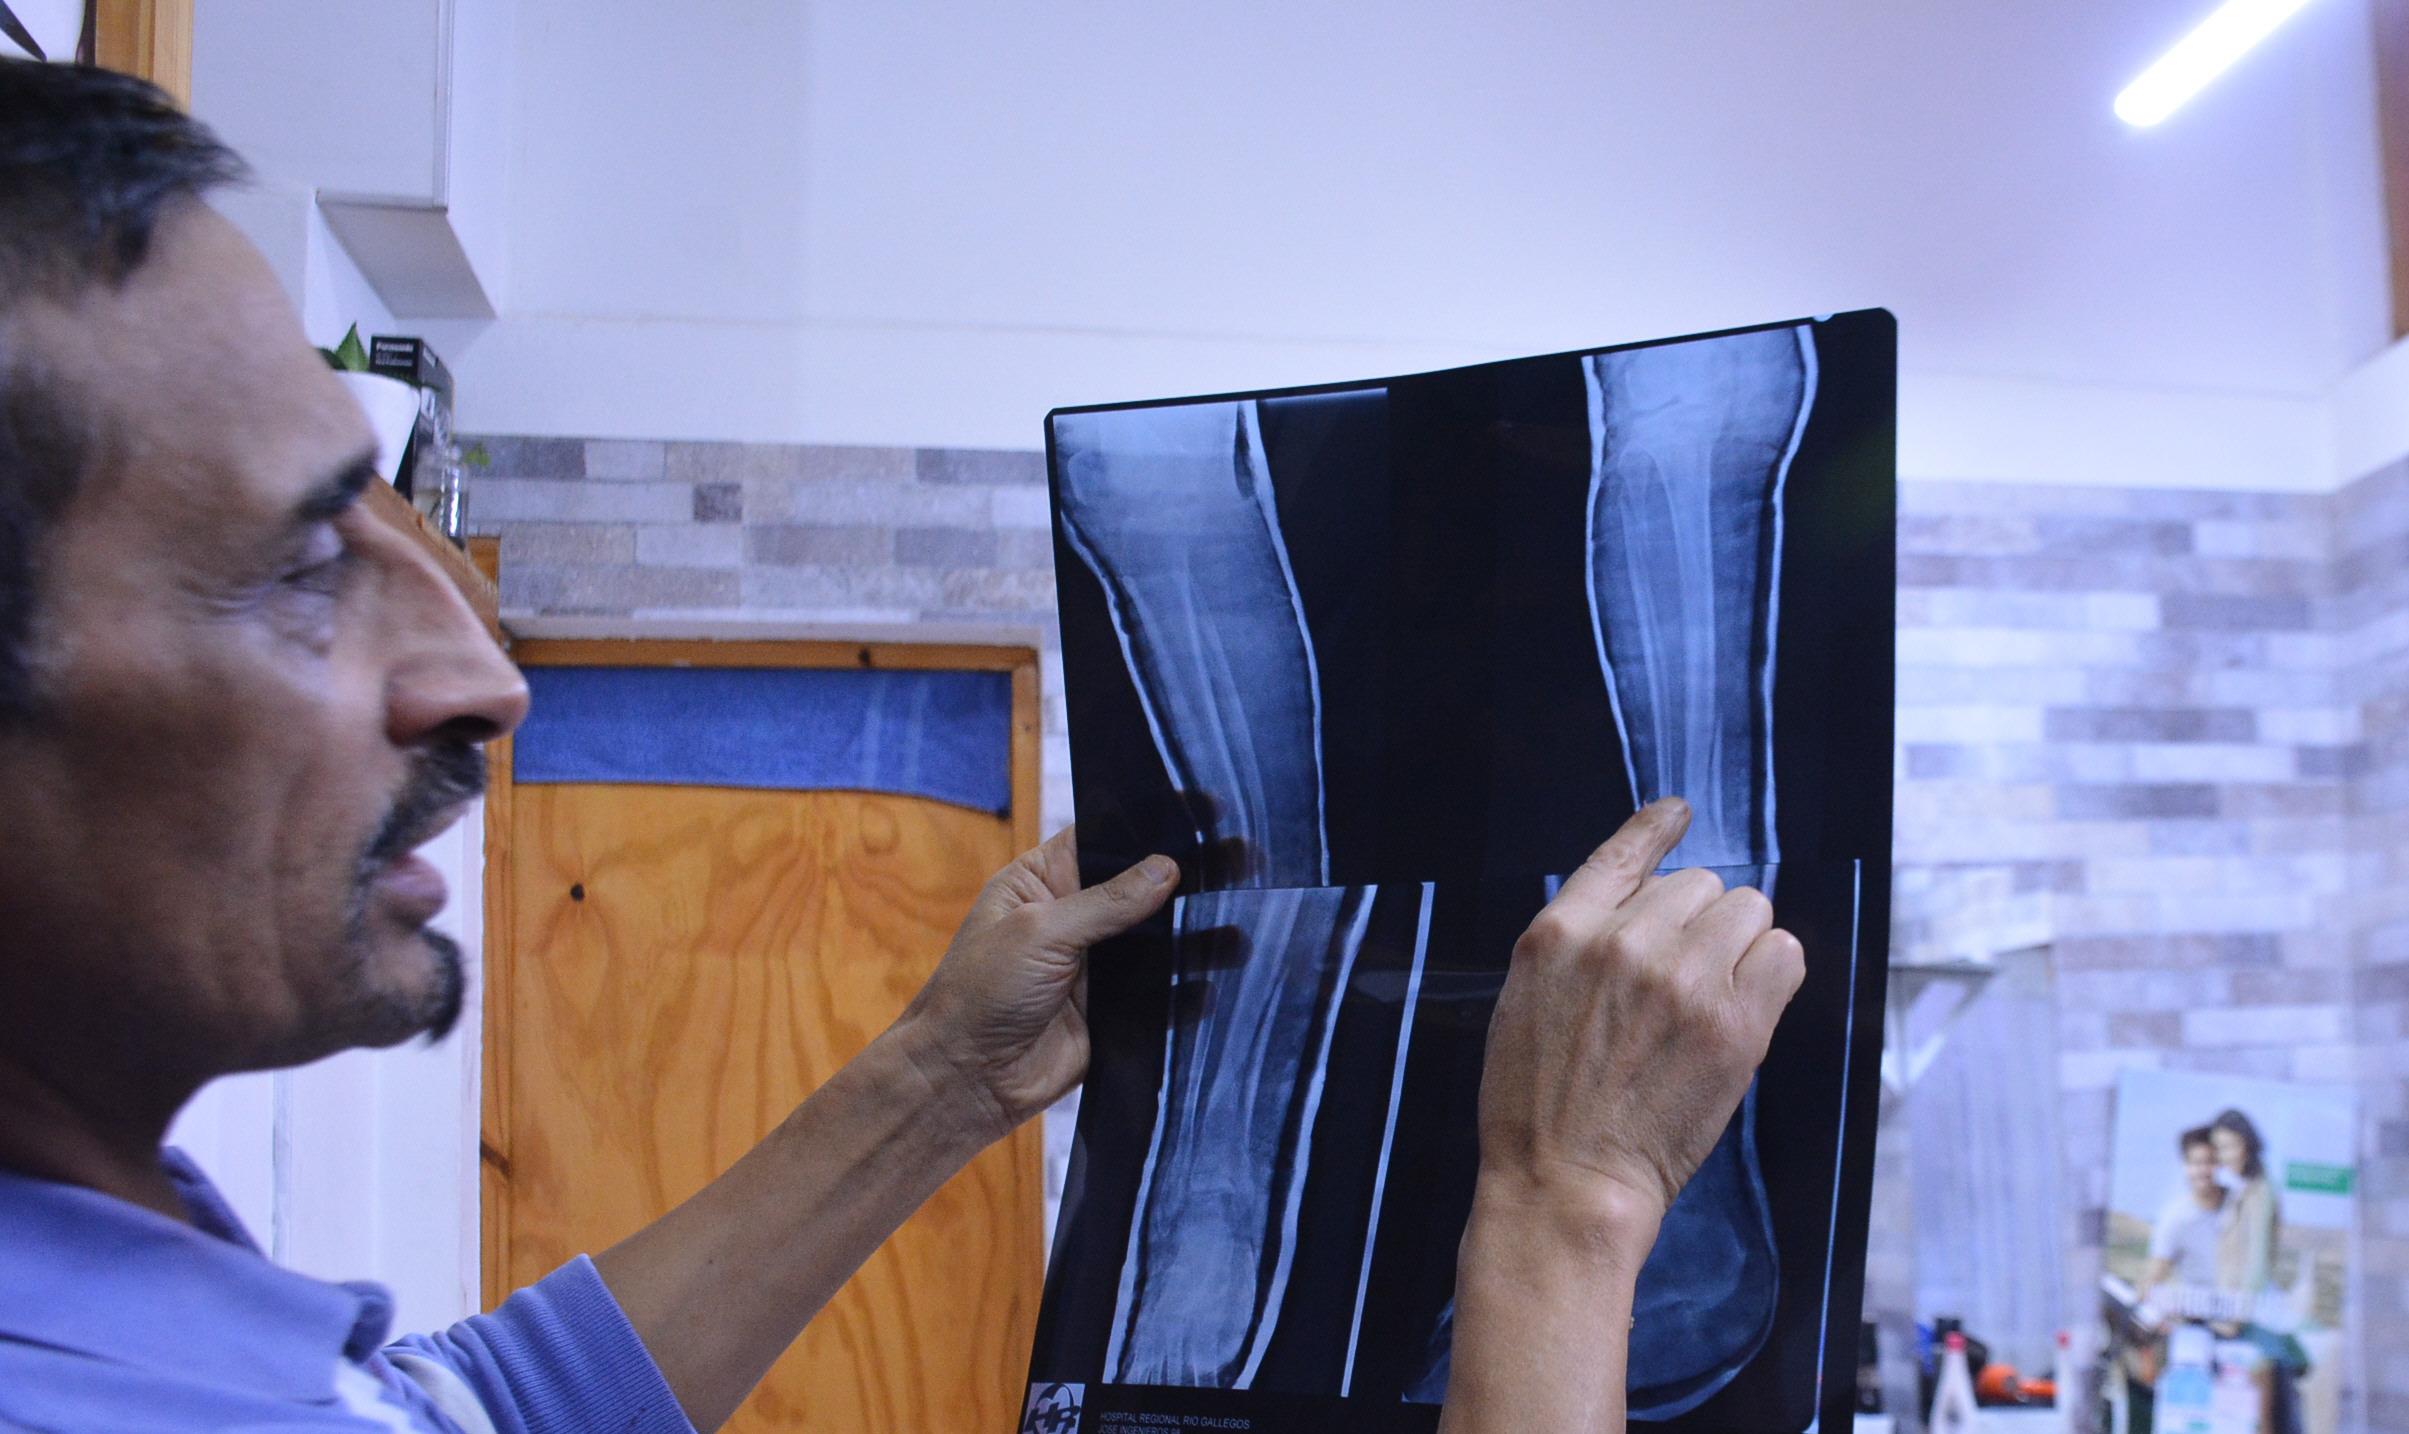 Jorge, su hermano, mostrándonos la placa que dio cuenta de la lesión. FOTO: JOSÉ SILVA